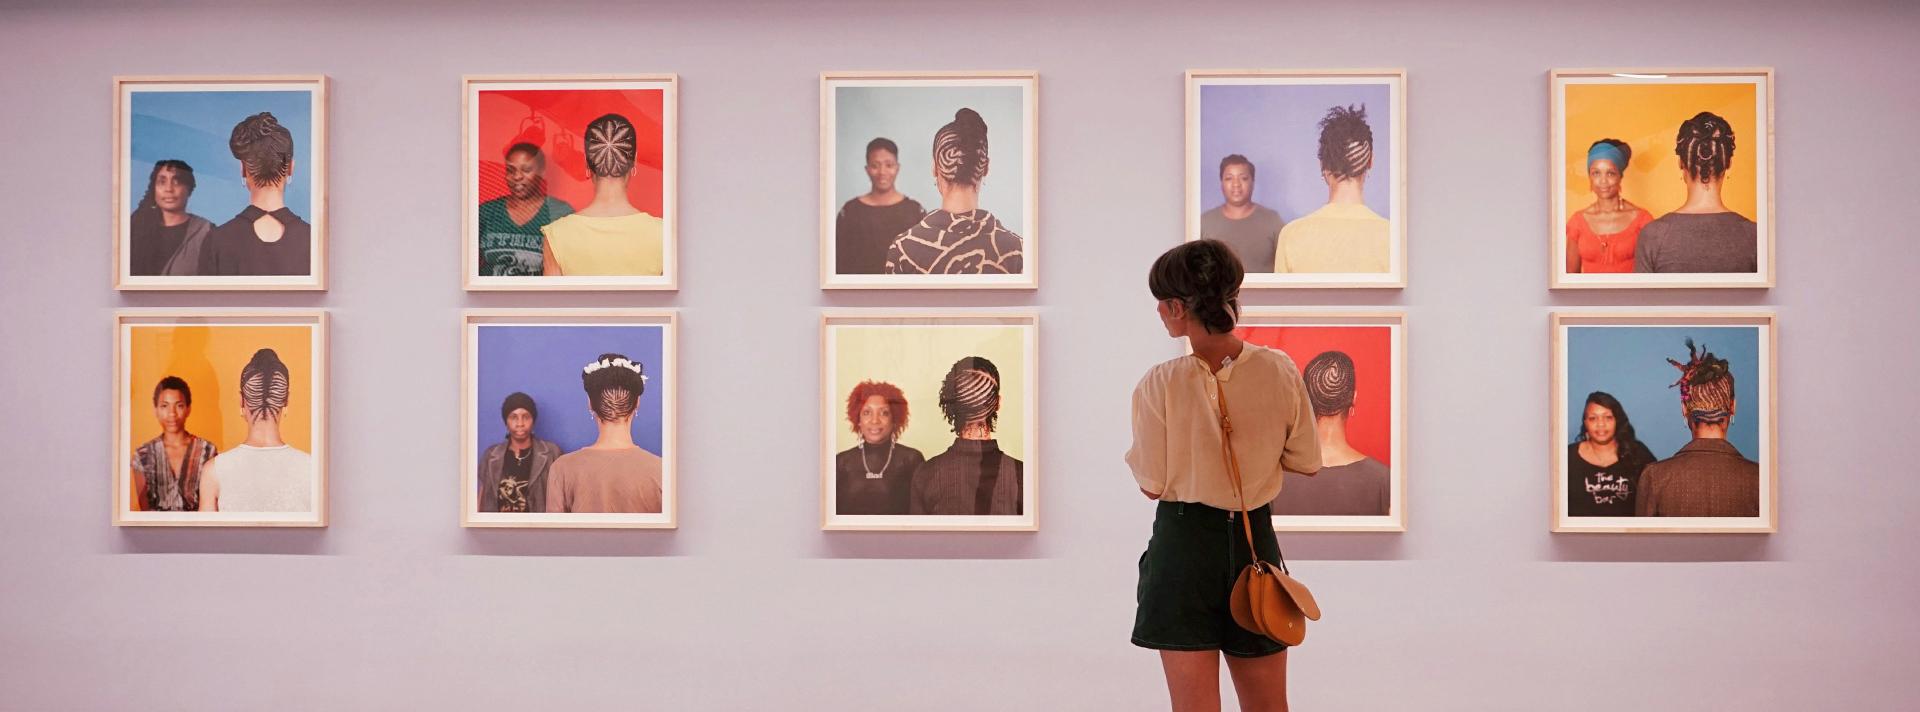 Exhibition-horizontal